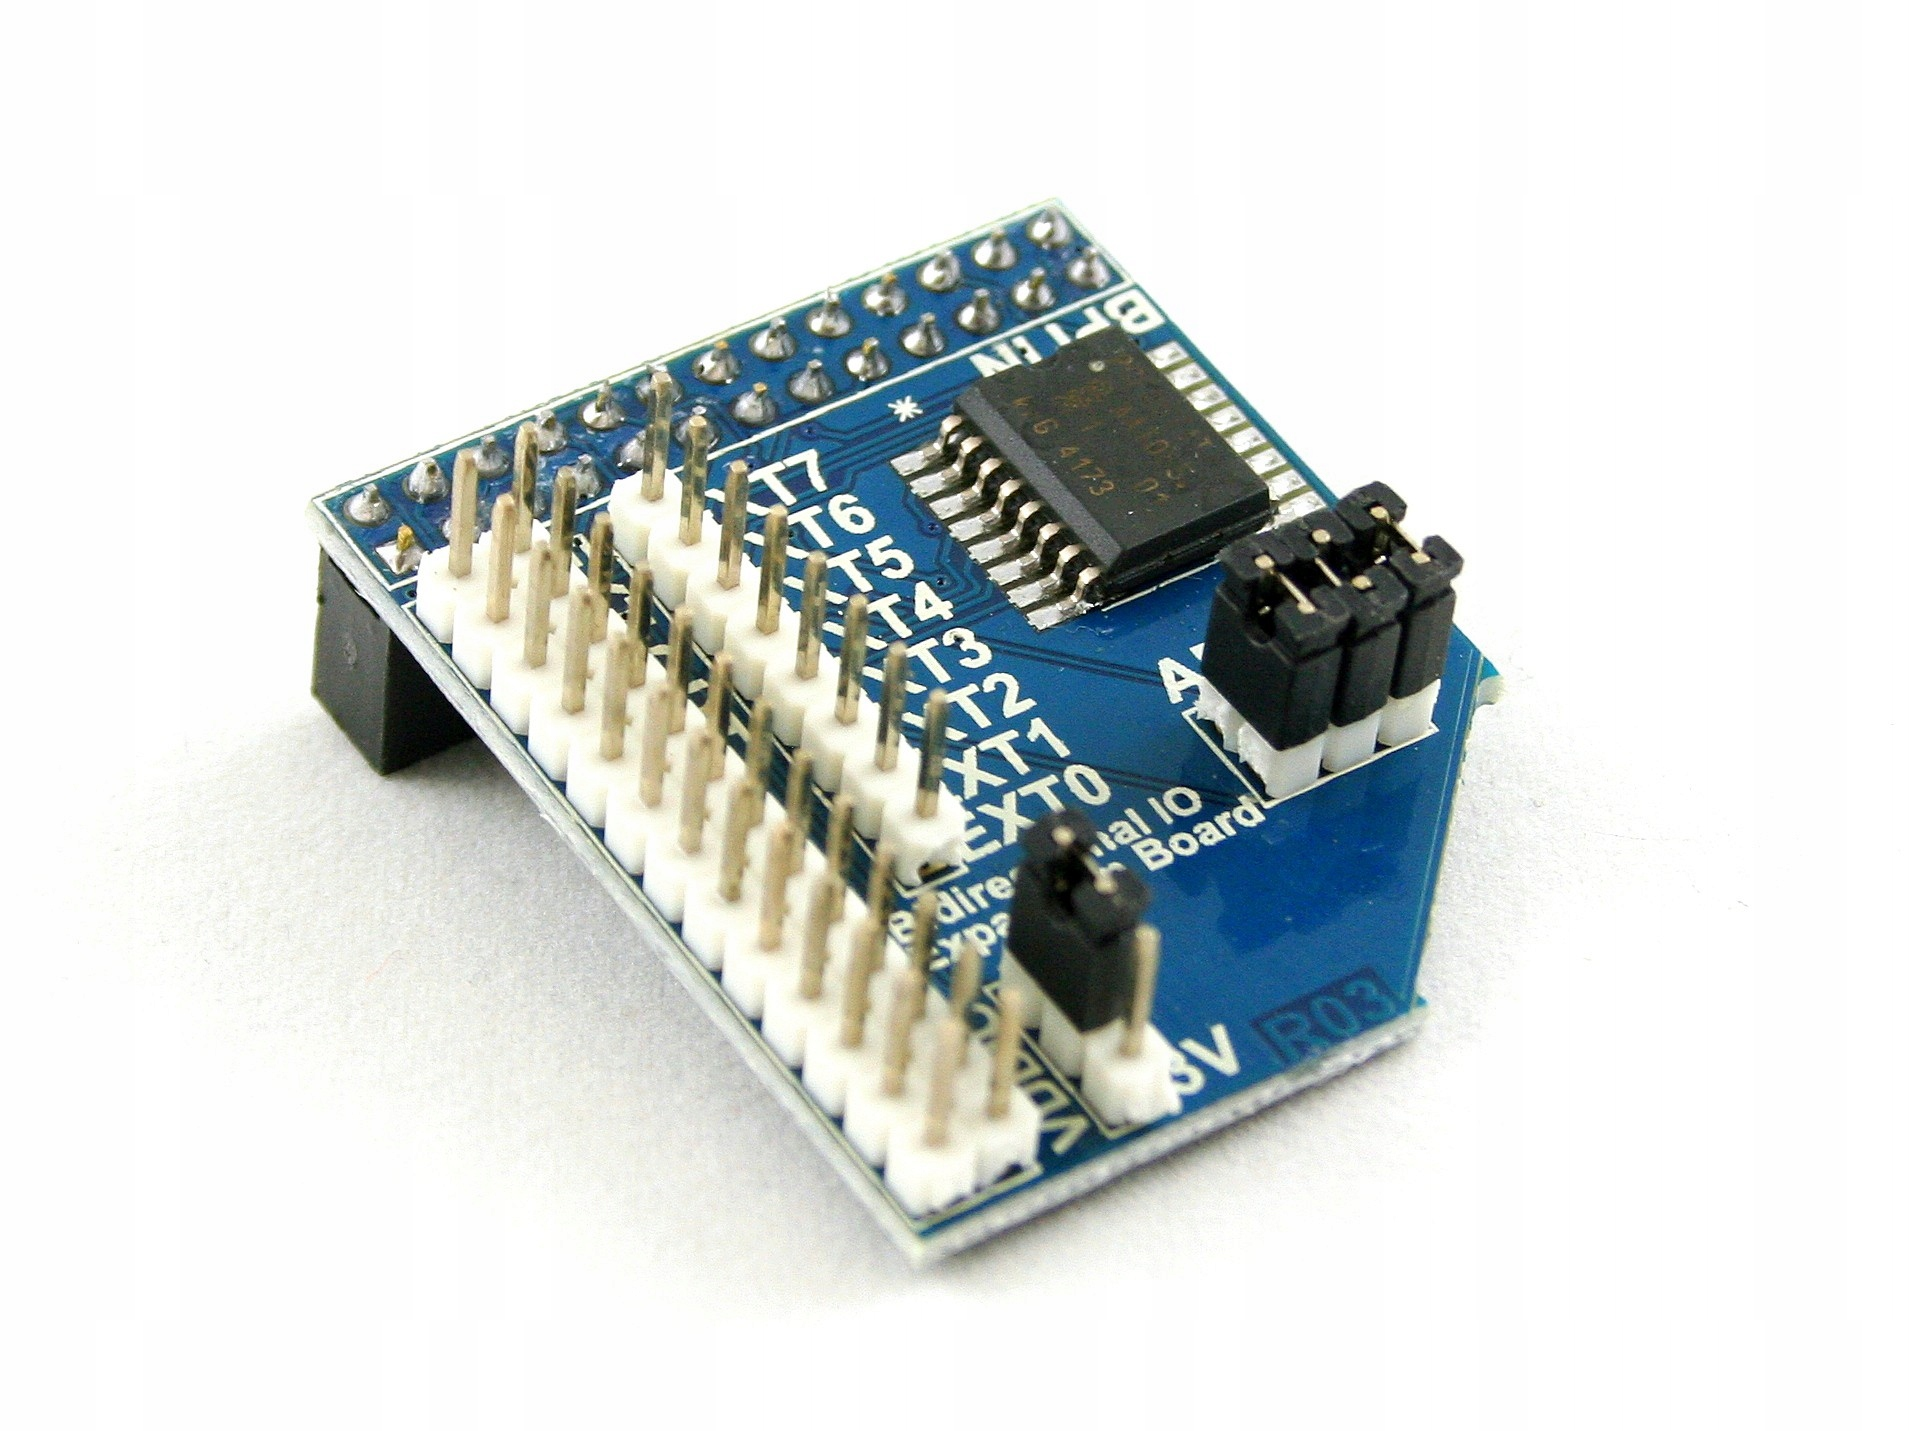 Banana PI Expanzný modul 8xgPio I2C (TWI) PCF8574